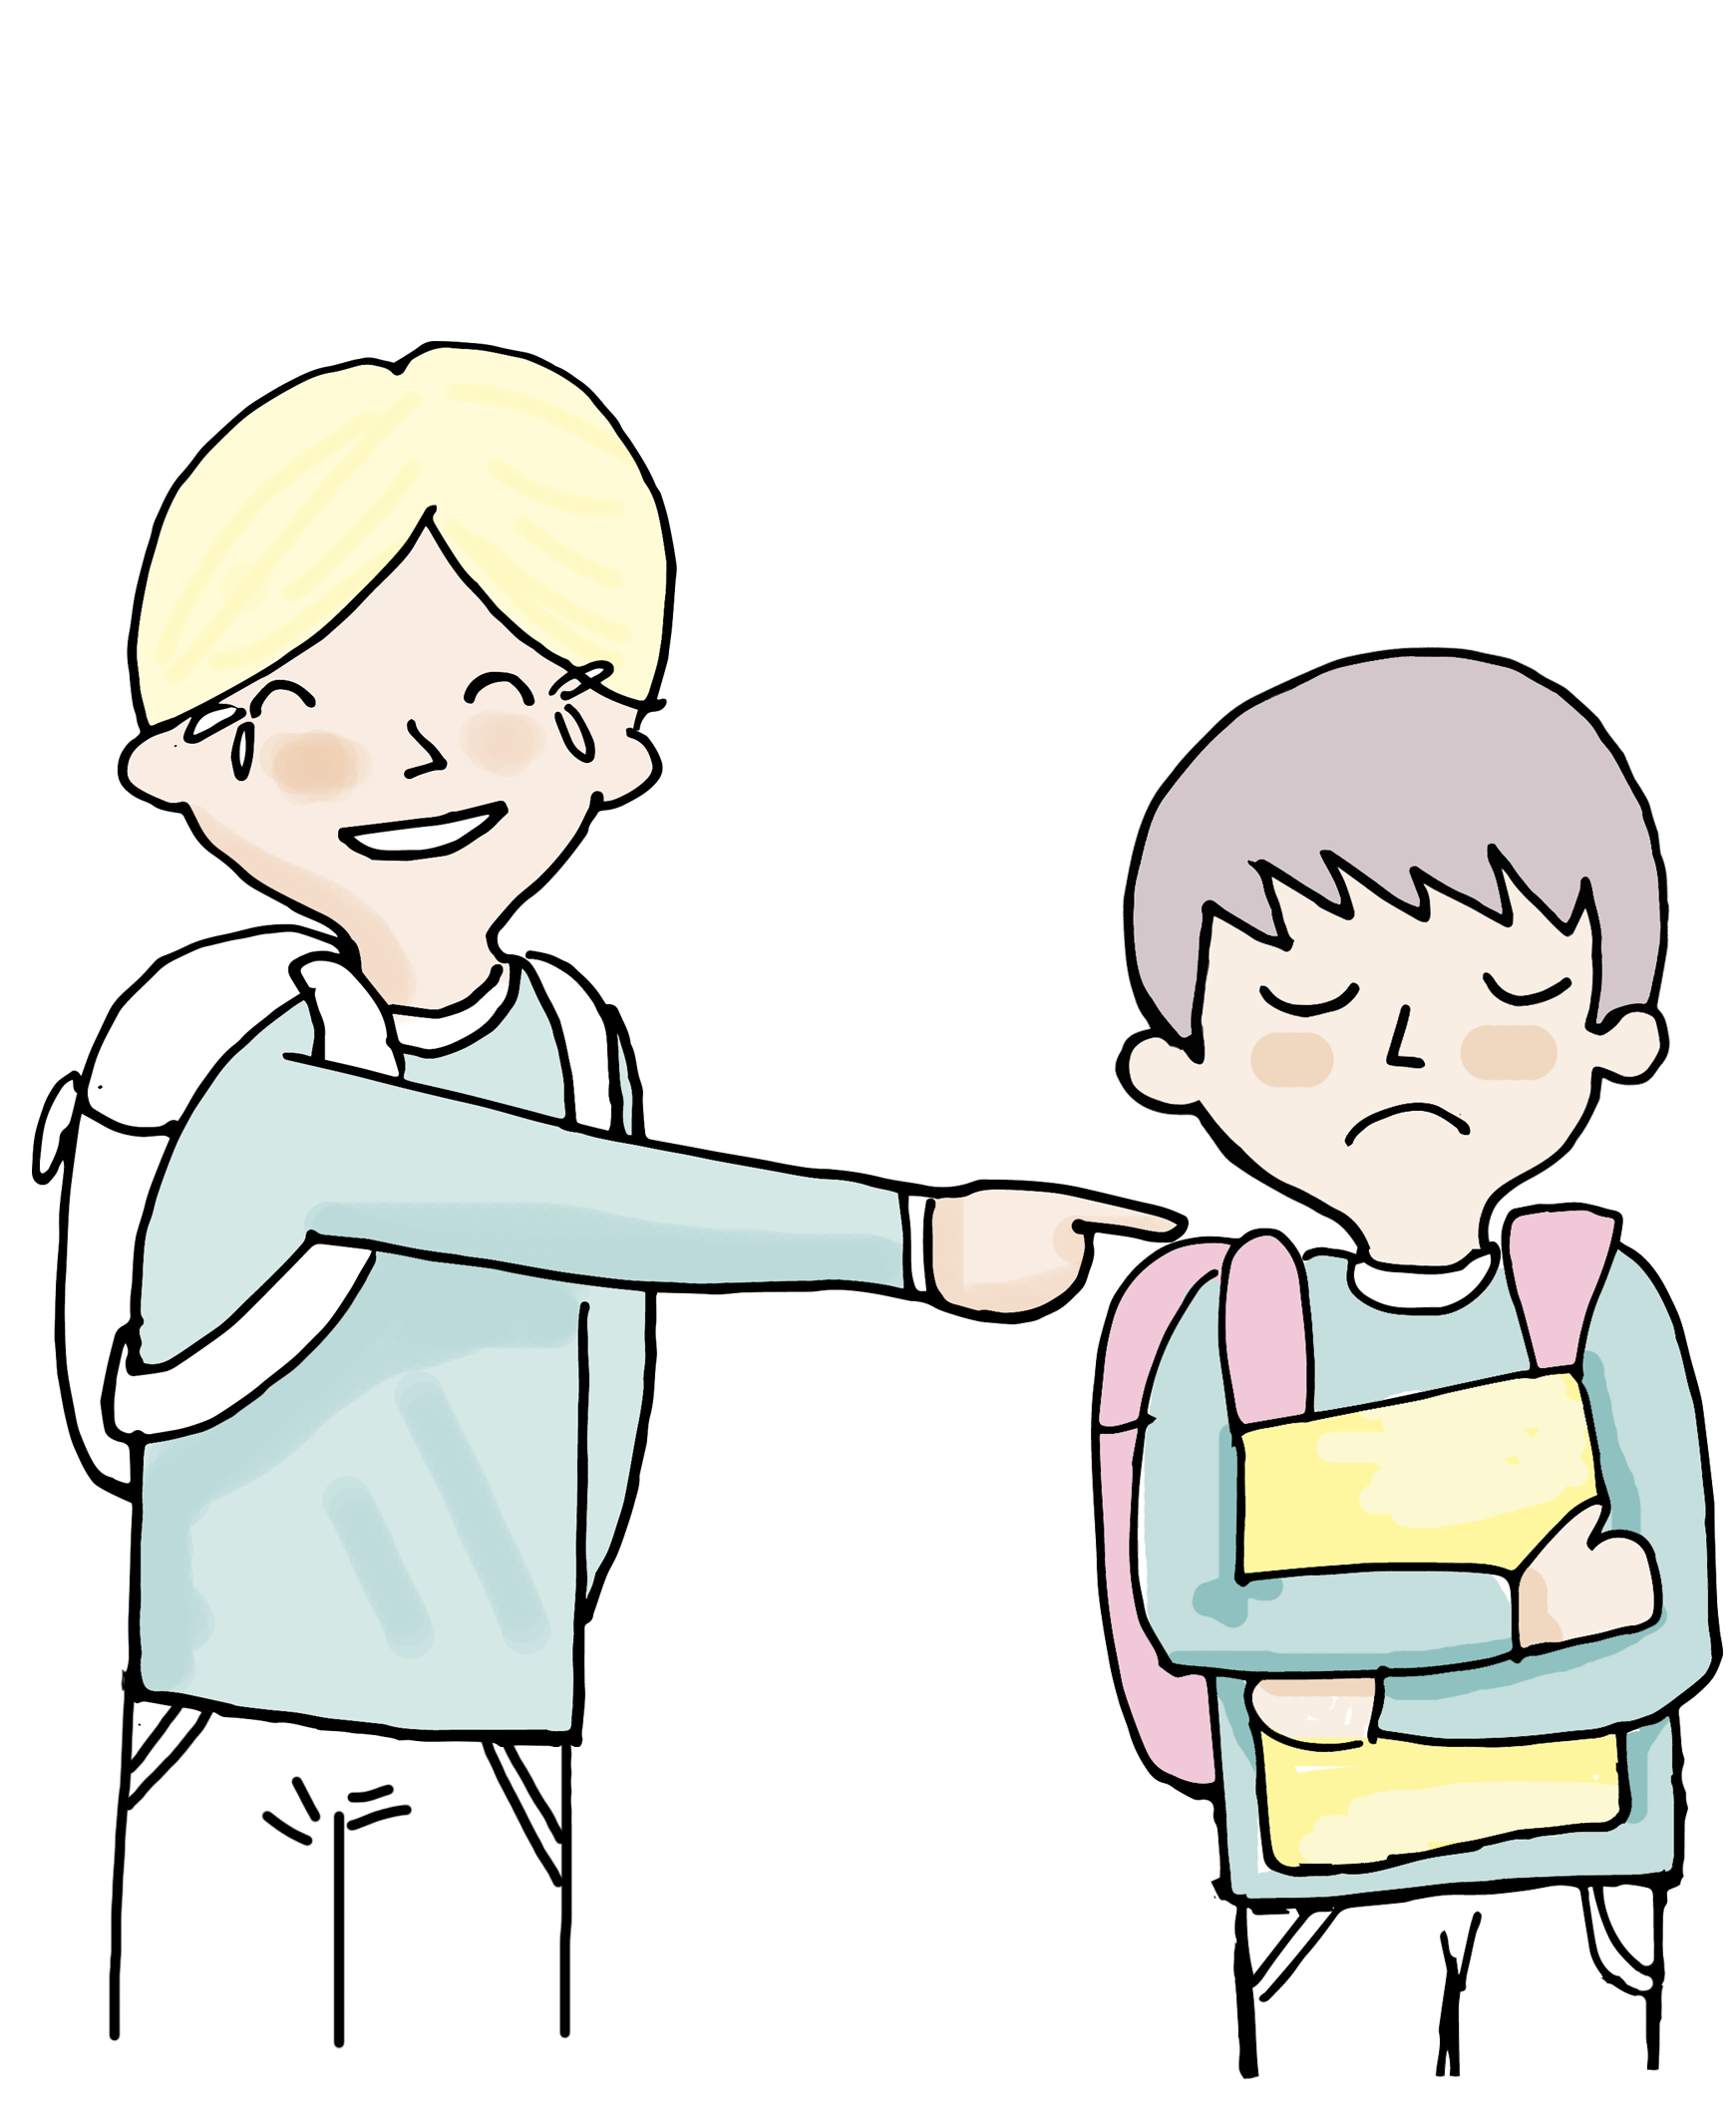 acoso escolar violencia bullying niños adolescentes ayudarte estudio psicología